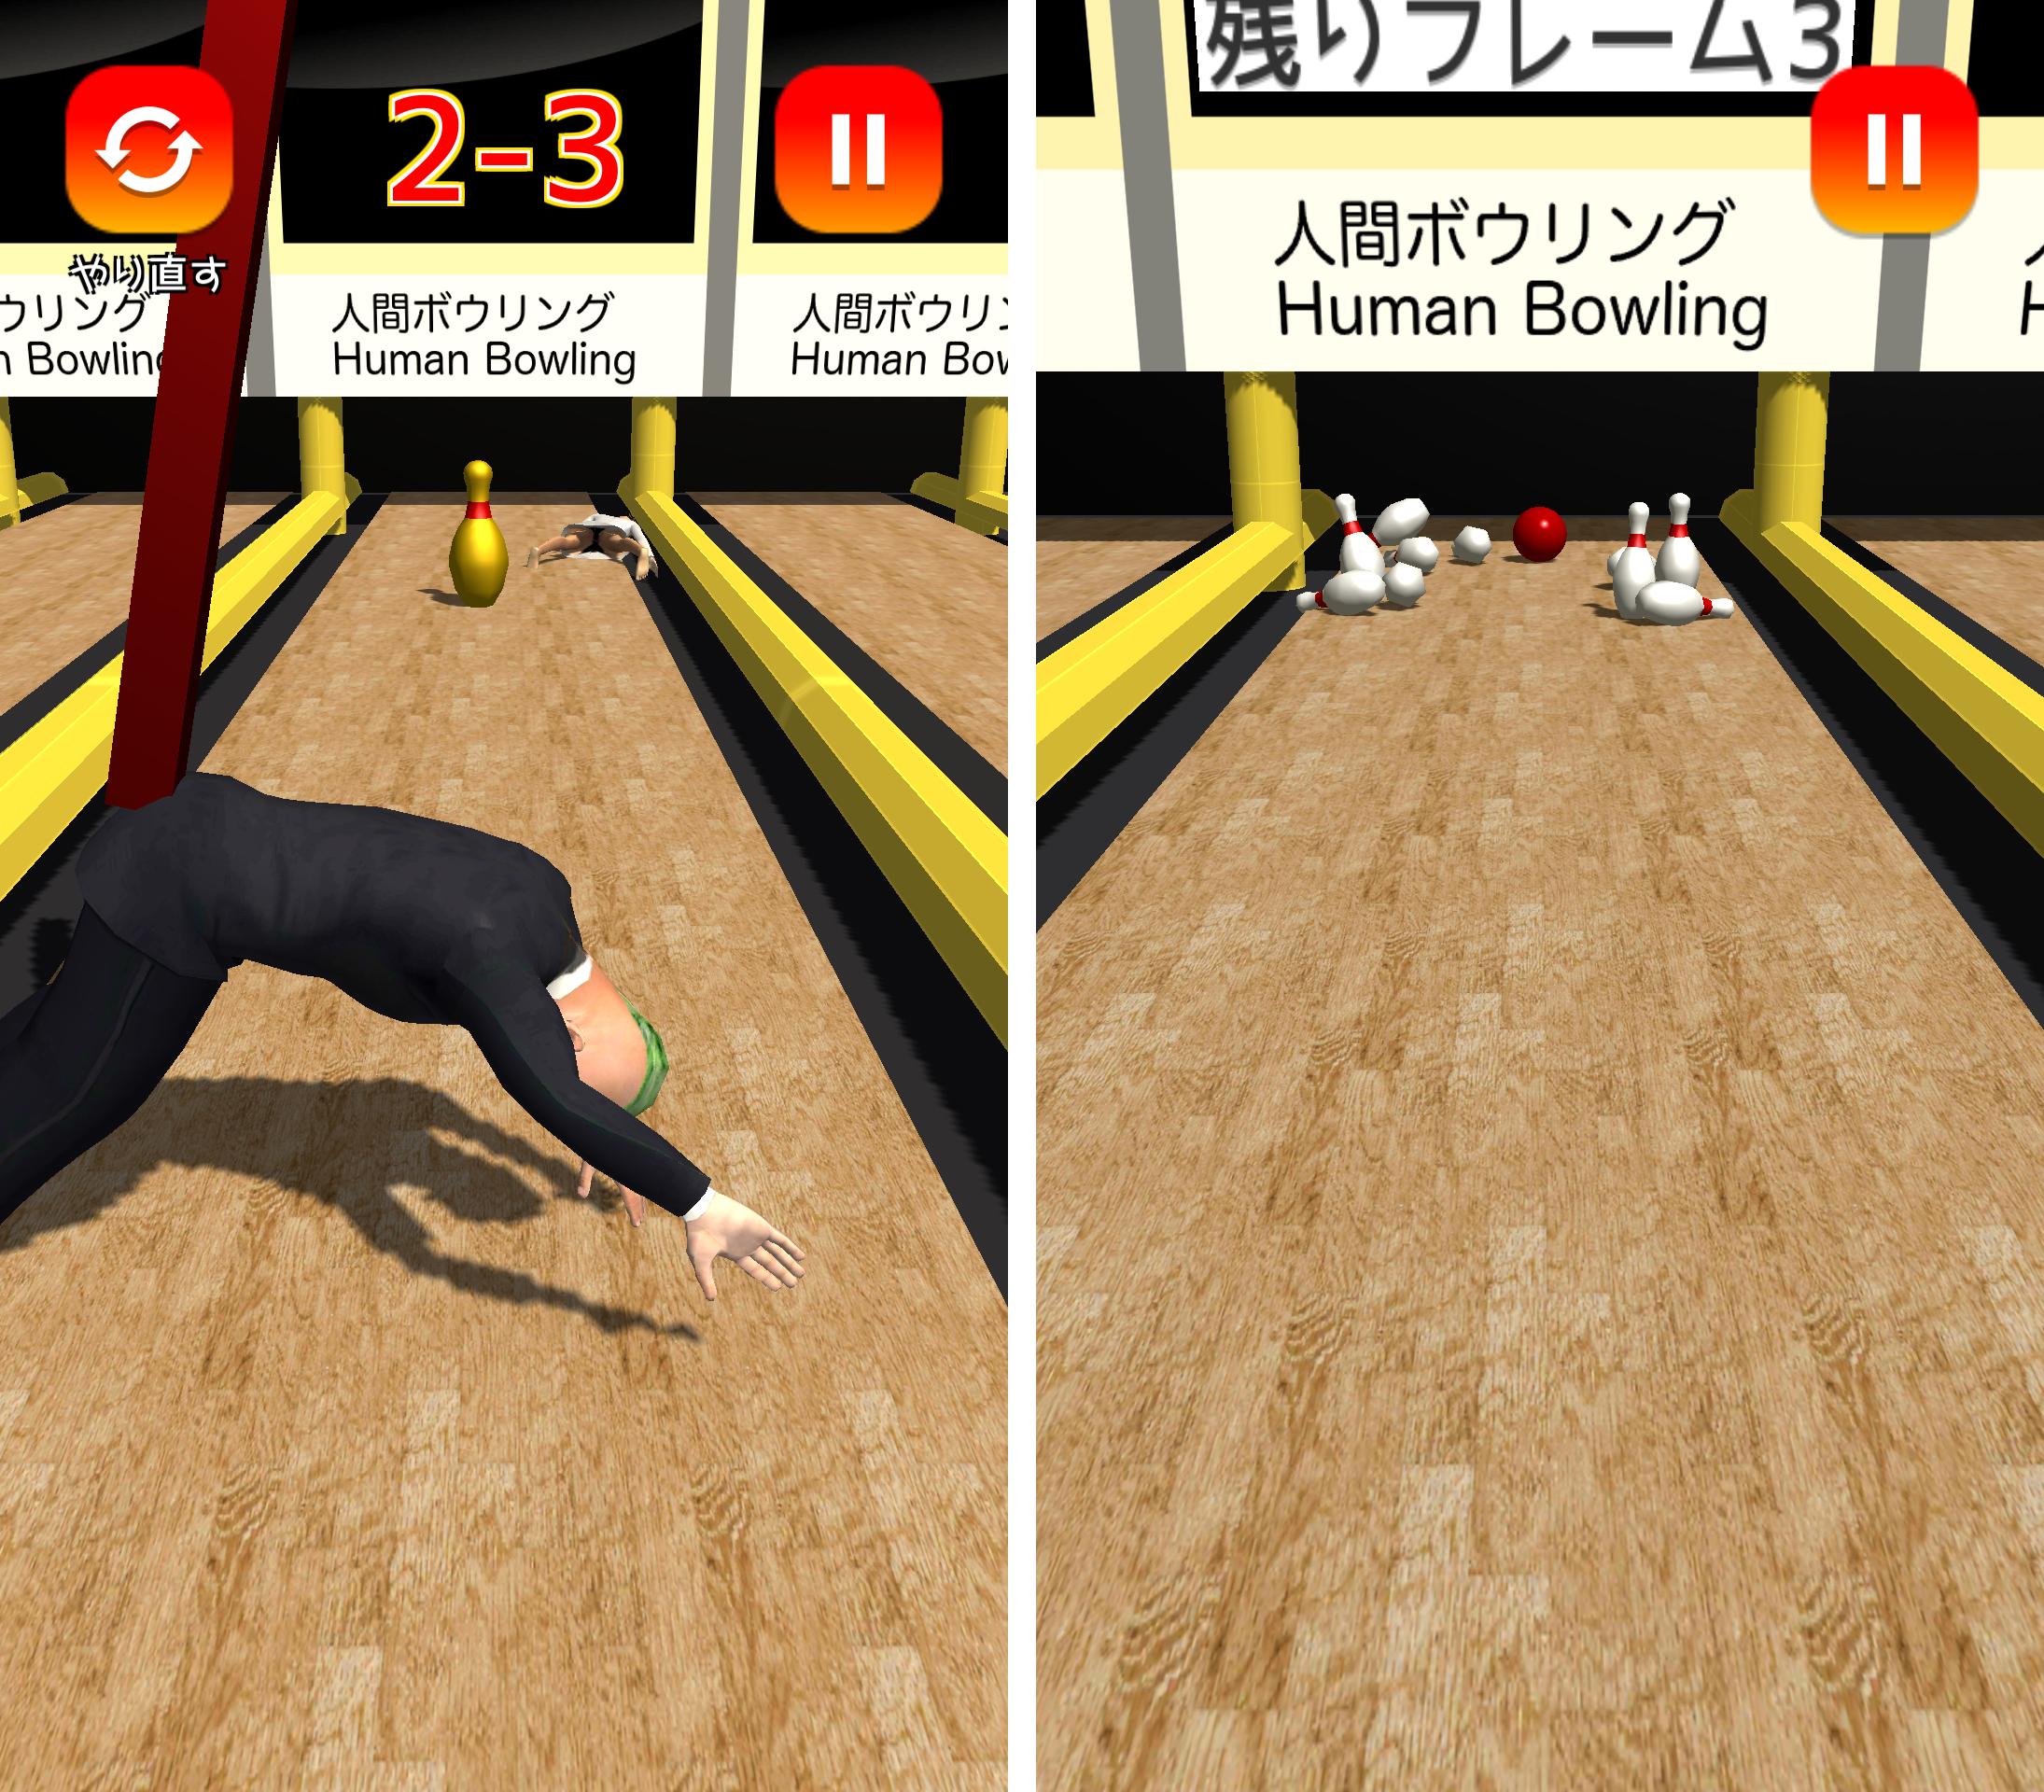 人間ボウリング androidアプリスクリーンショット3